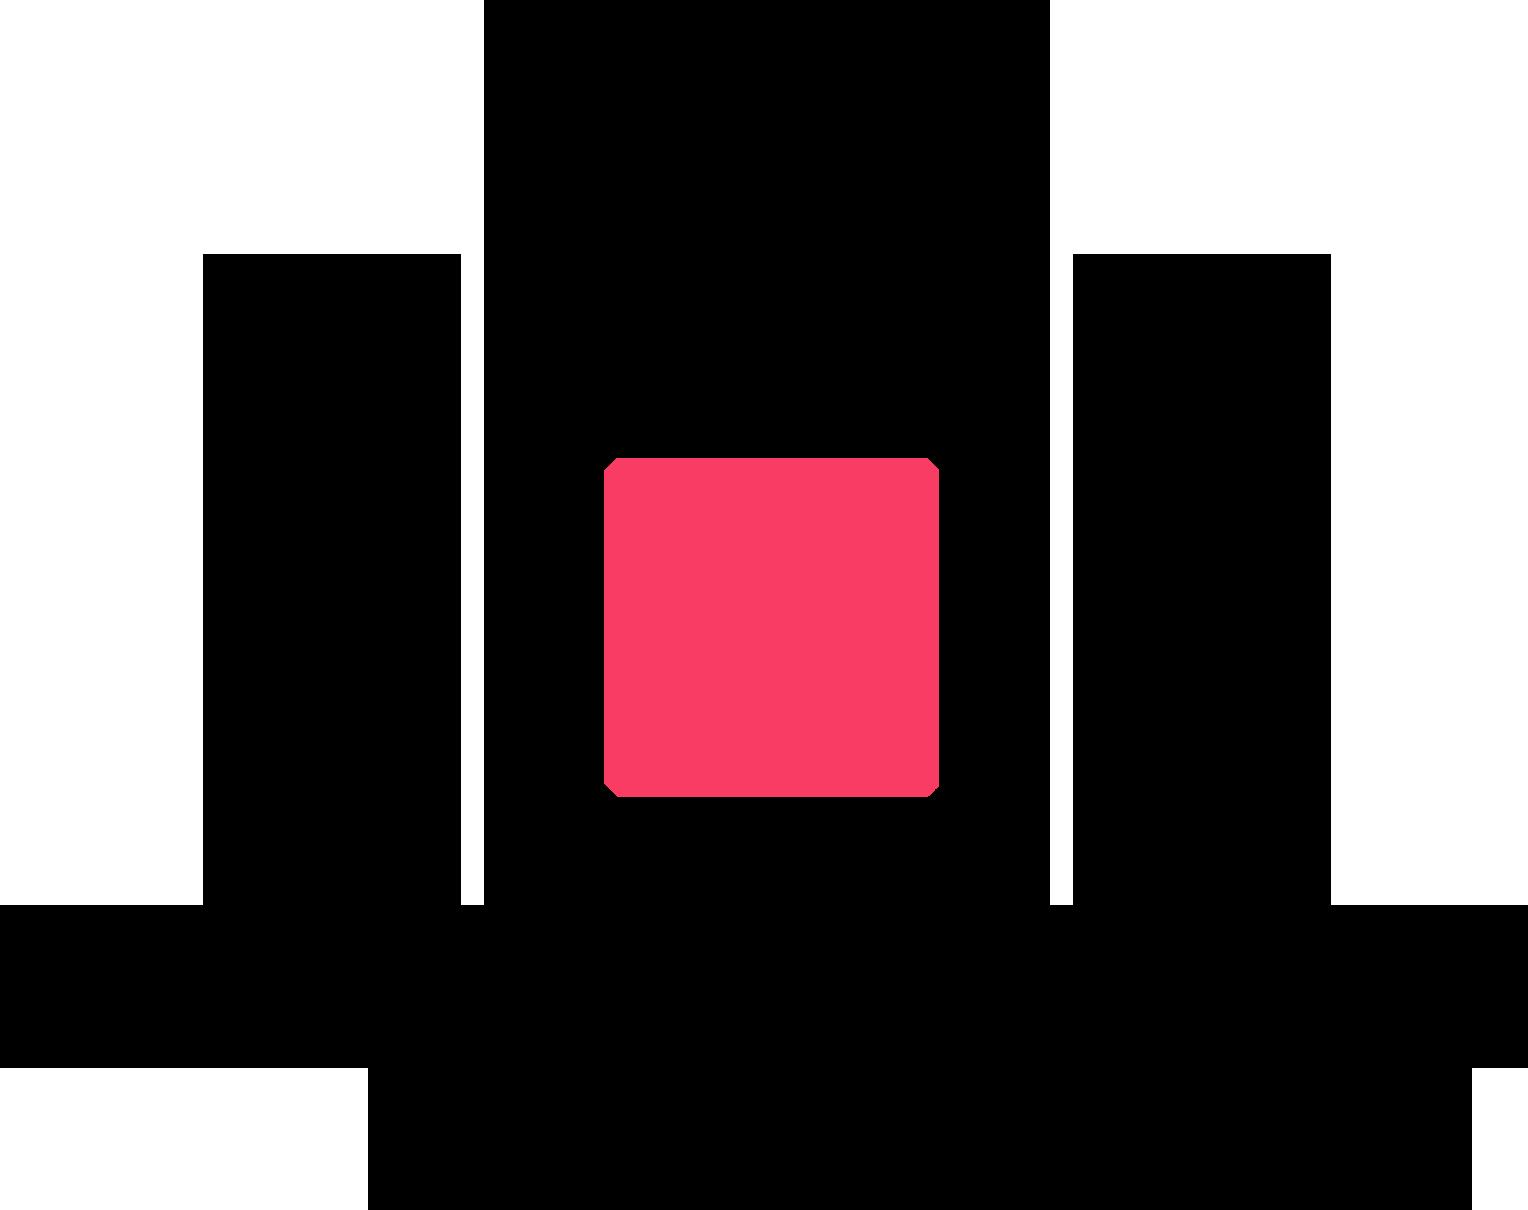 سورس سیتی | فروشگاه انواع سورس